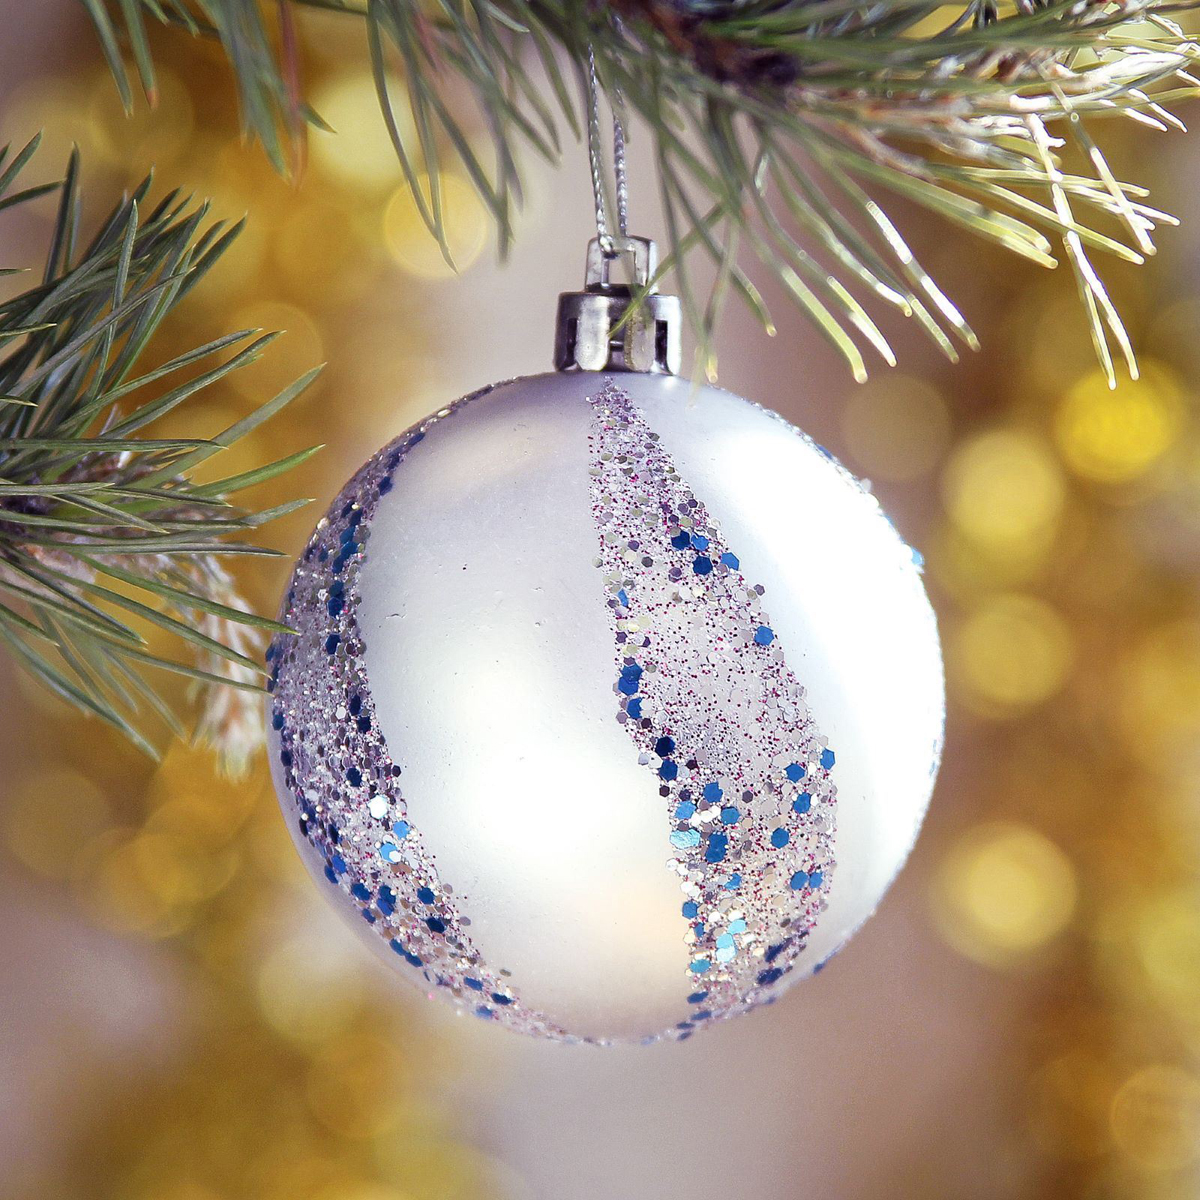 Набор новогодних подвесных украшений Sima-land Блестящий вихрь, диаметр 6 см, 8 шт2371172Набор новогодних подвесных украшений Sima-land отлично подойдет для декорации вашего дома и новогодней ели. С помощью специальной петельки украшение можно повесить в любом понравившемся вам месте. Но, конечно, удачнее всего оно будет смотреться на праздничной елке. Елочная игрушка - символ Нового года. Она несет в себе волшебство и красоту праздника. Создайте в своем доме атмосферу веселья и радости, украшая новогоднюю елку нарядными игрушками, которые будут из года в год накапливать теплоту воспоминаний.